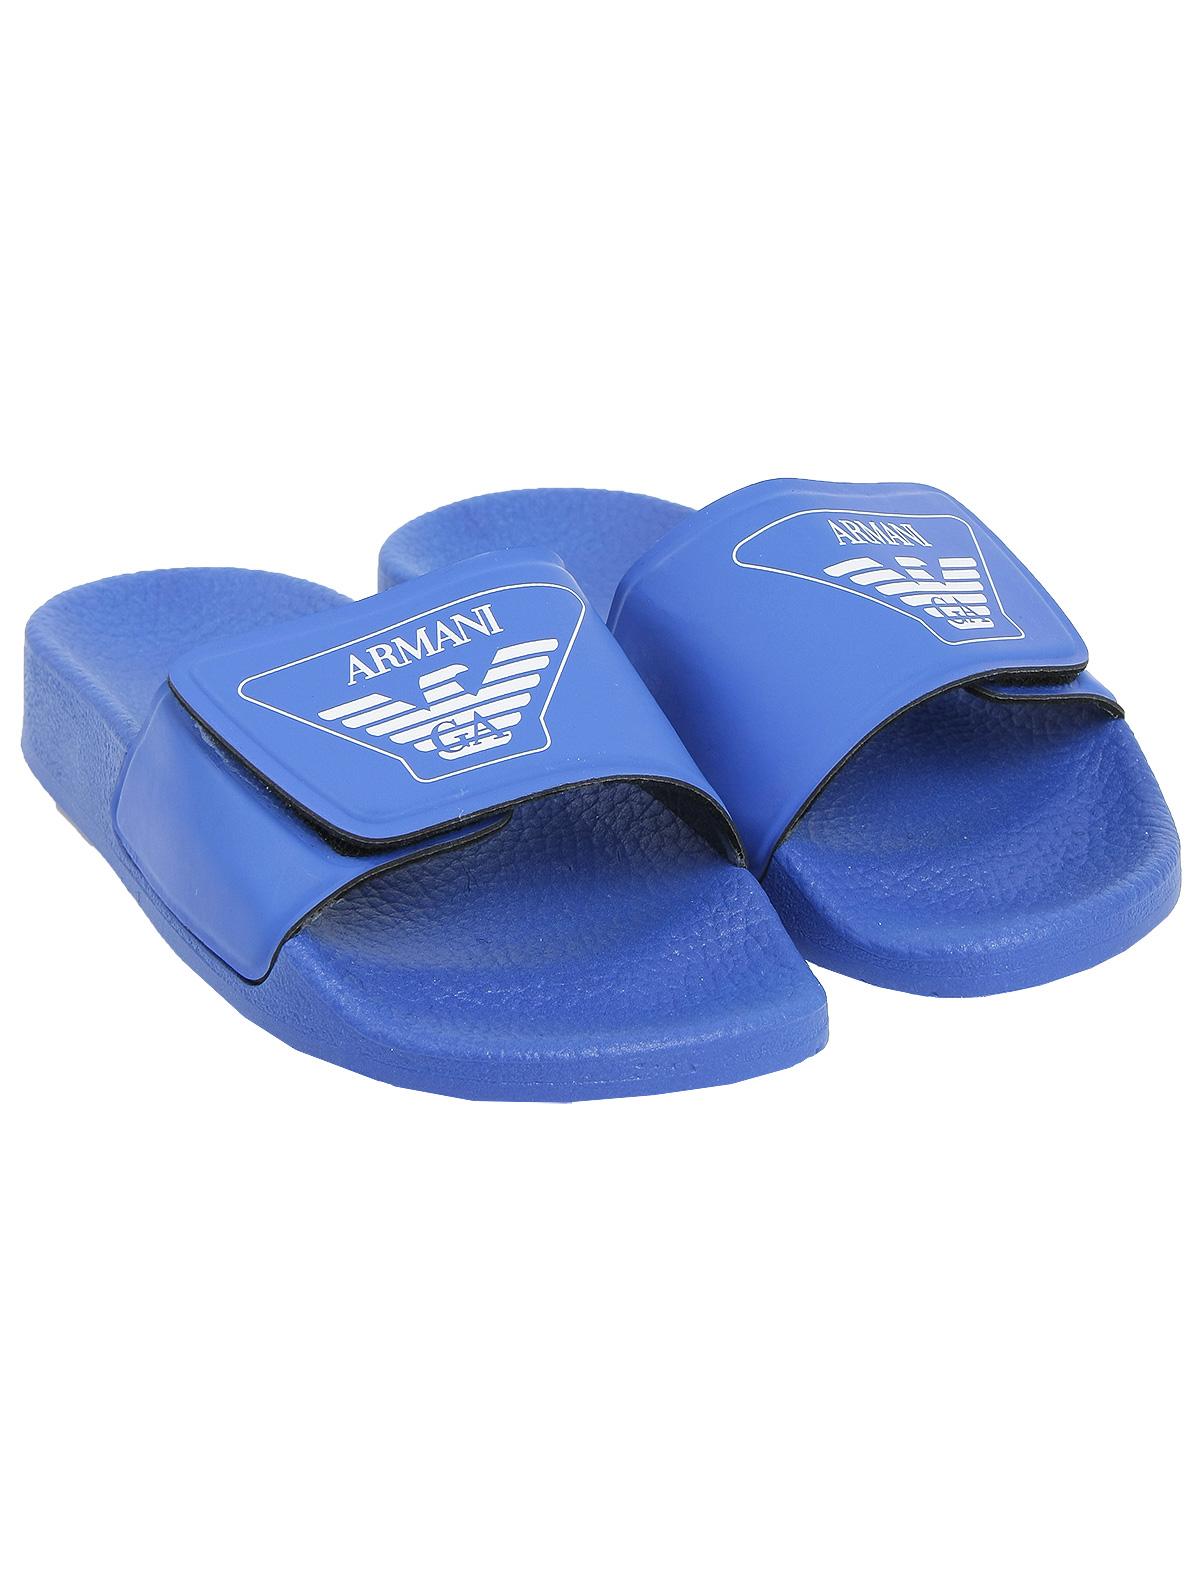 Купить 1924777, Шлепанцы пляжные Armani Junior, синий, Мужской, 2281419870103